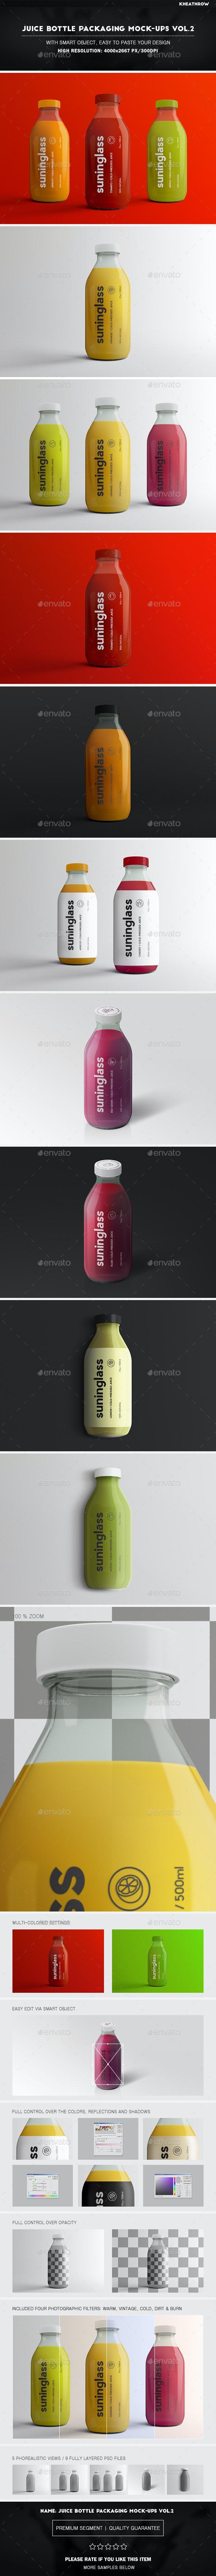 Juice Bottle Packaging Mock-Ups Vol.2 - Food and Drink Packaging